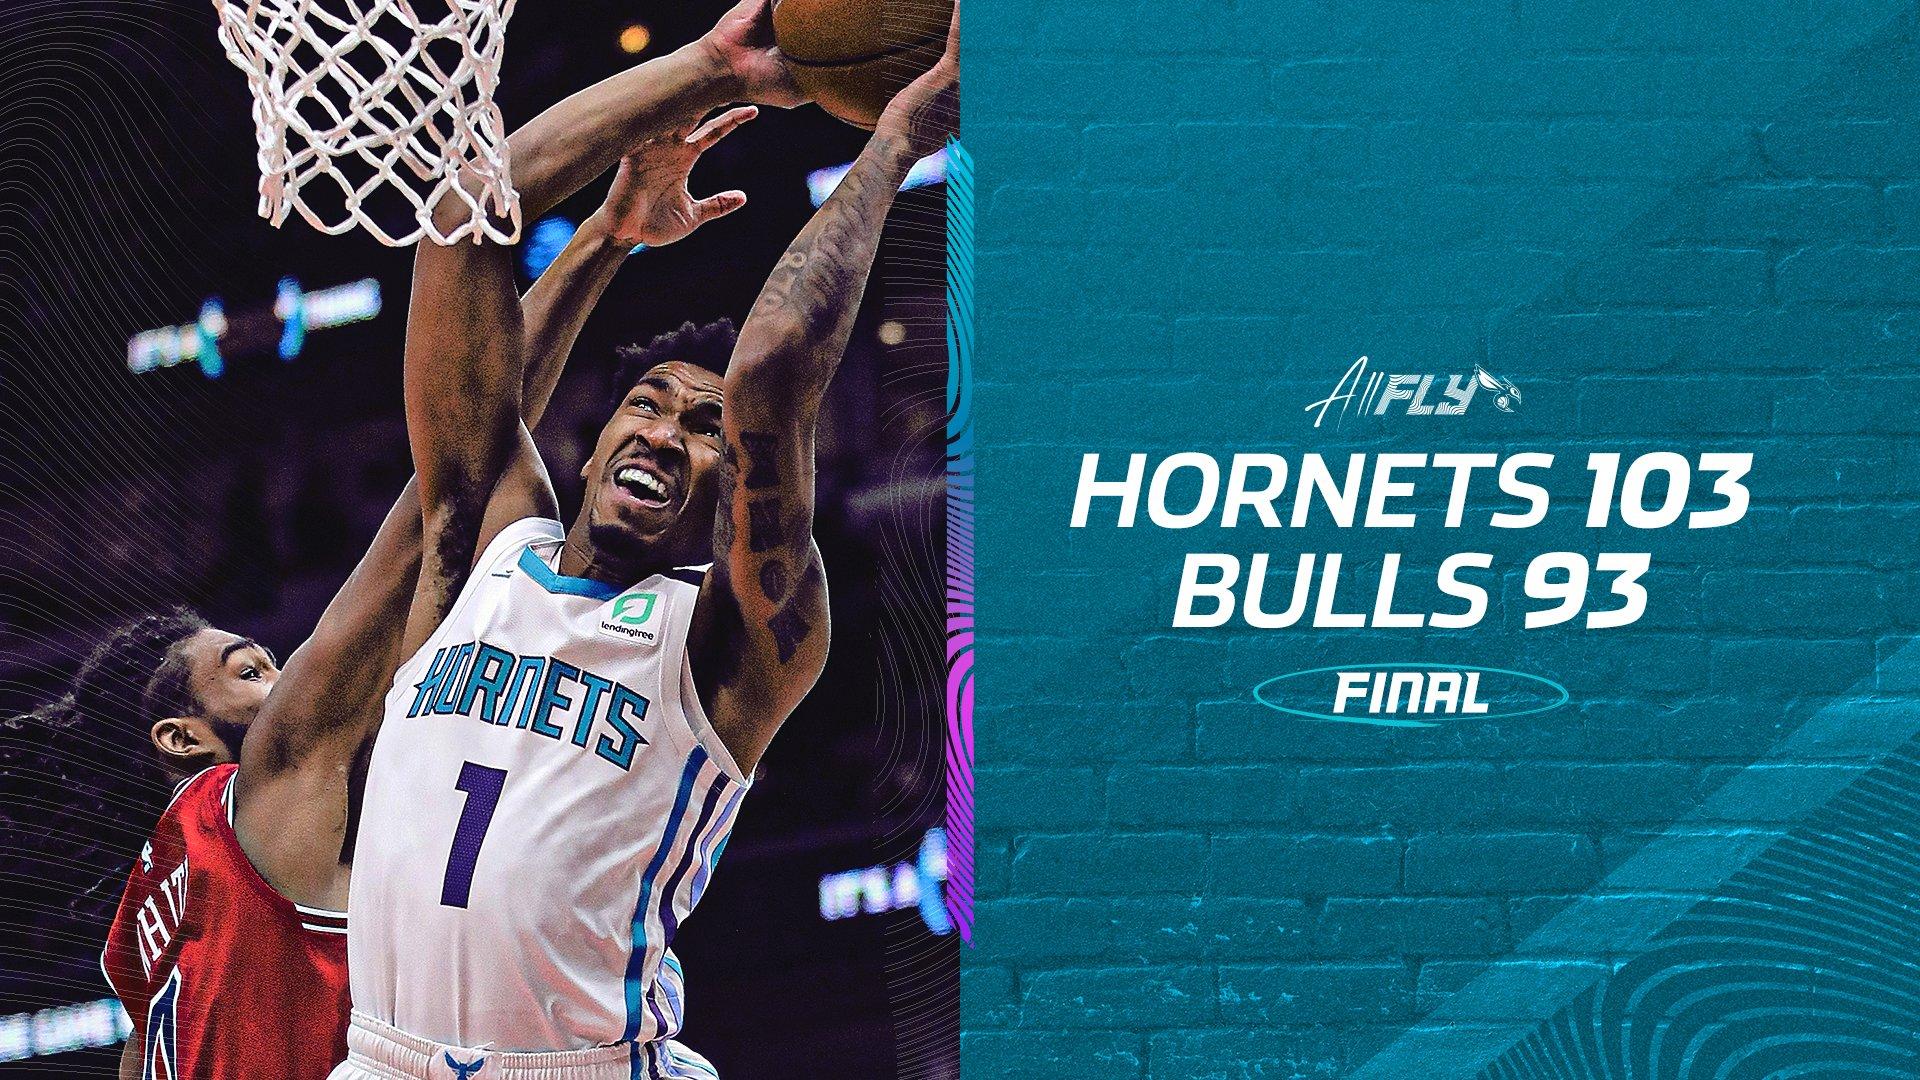 Charlotte Hornets vs. Chicago Bulls